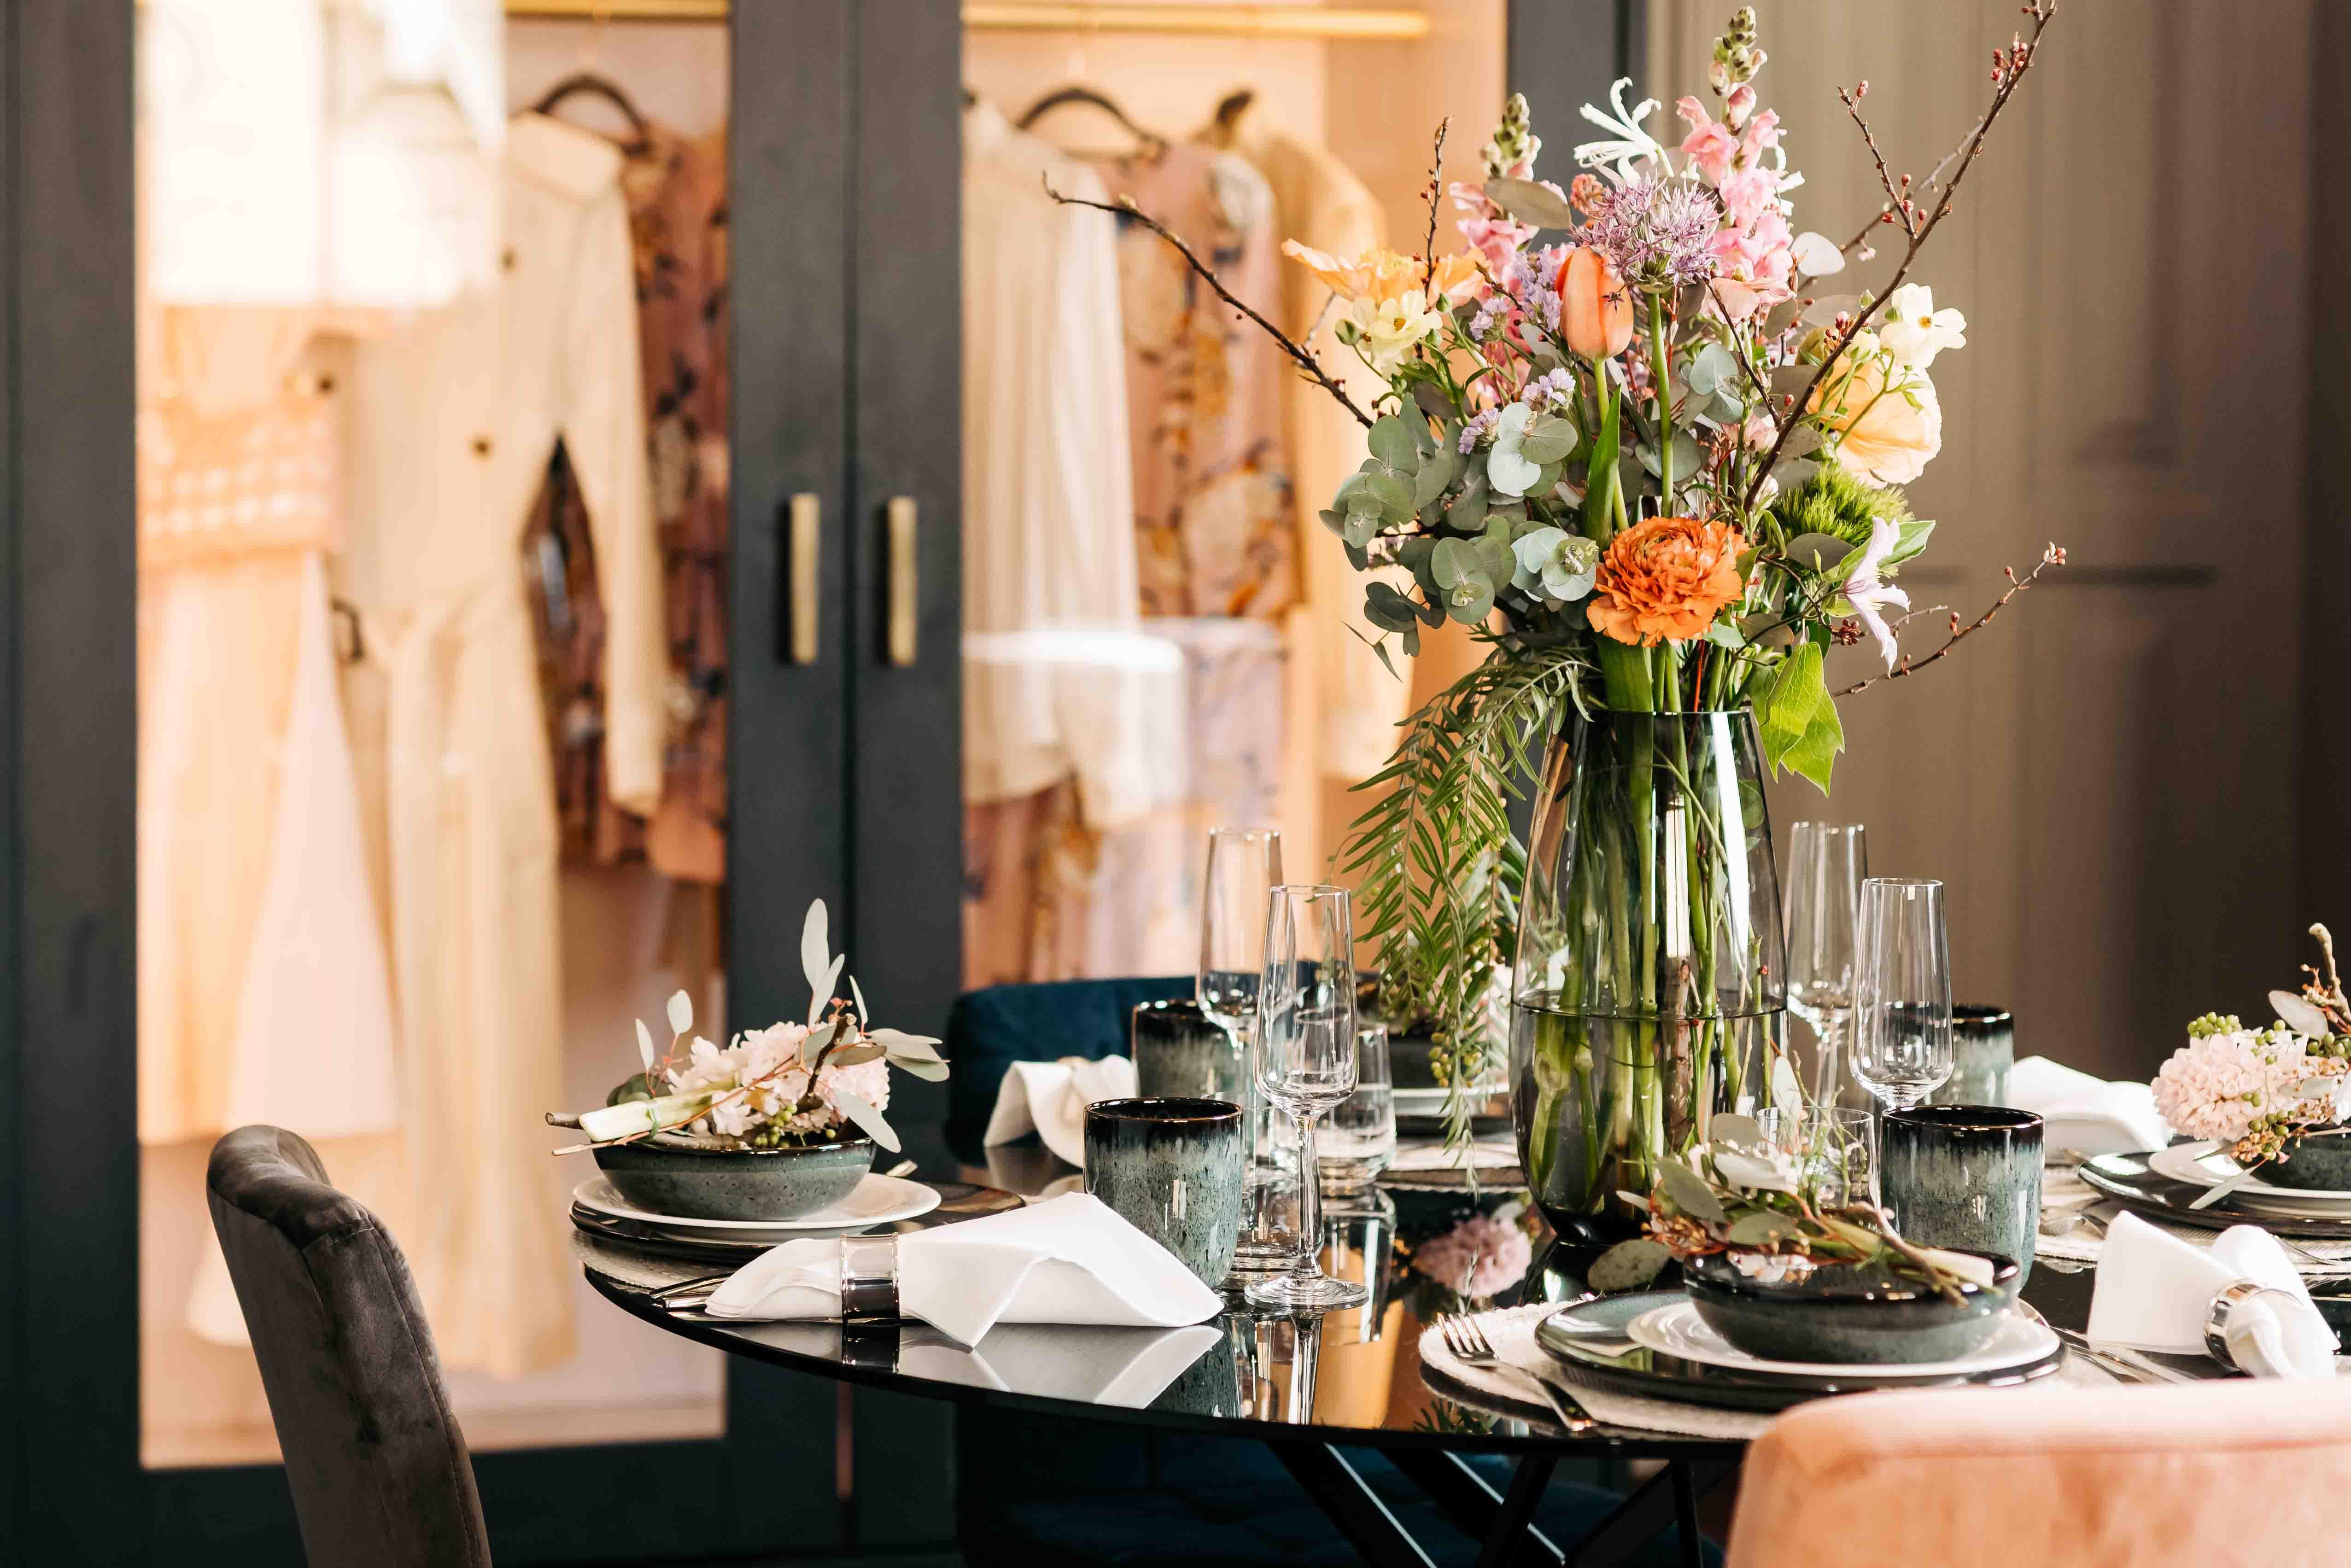 Ein bunt dekorierter Tisch mit Blumen.